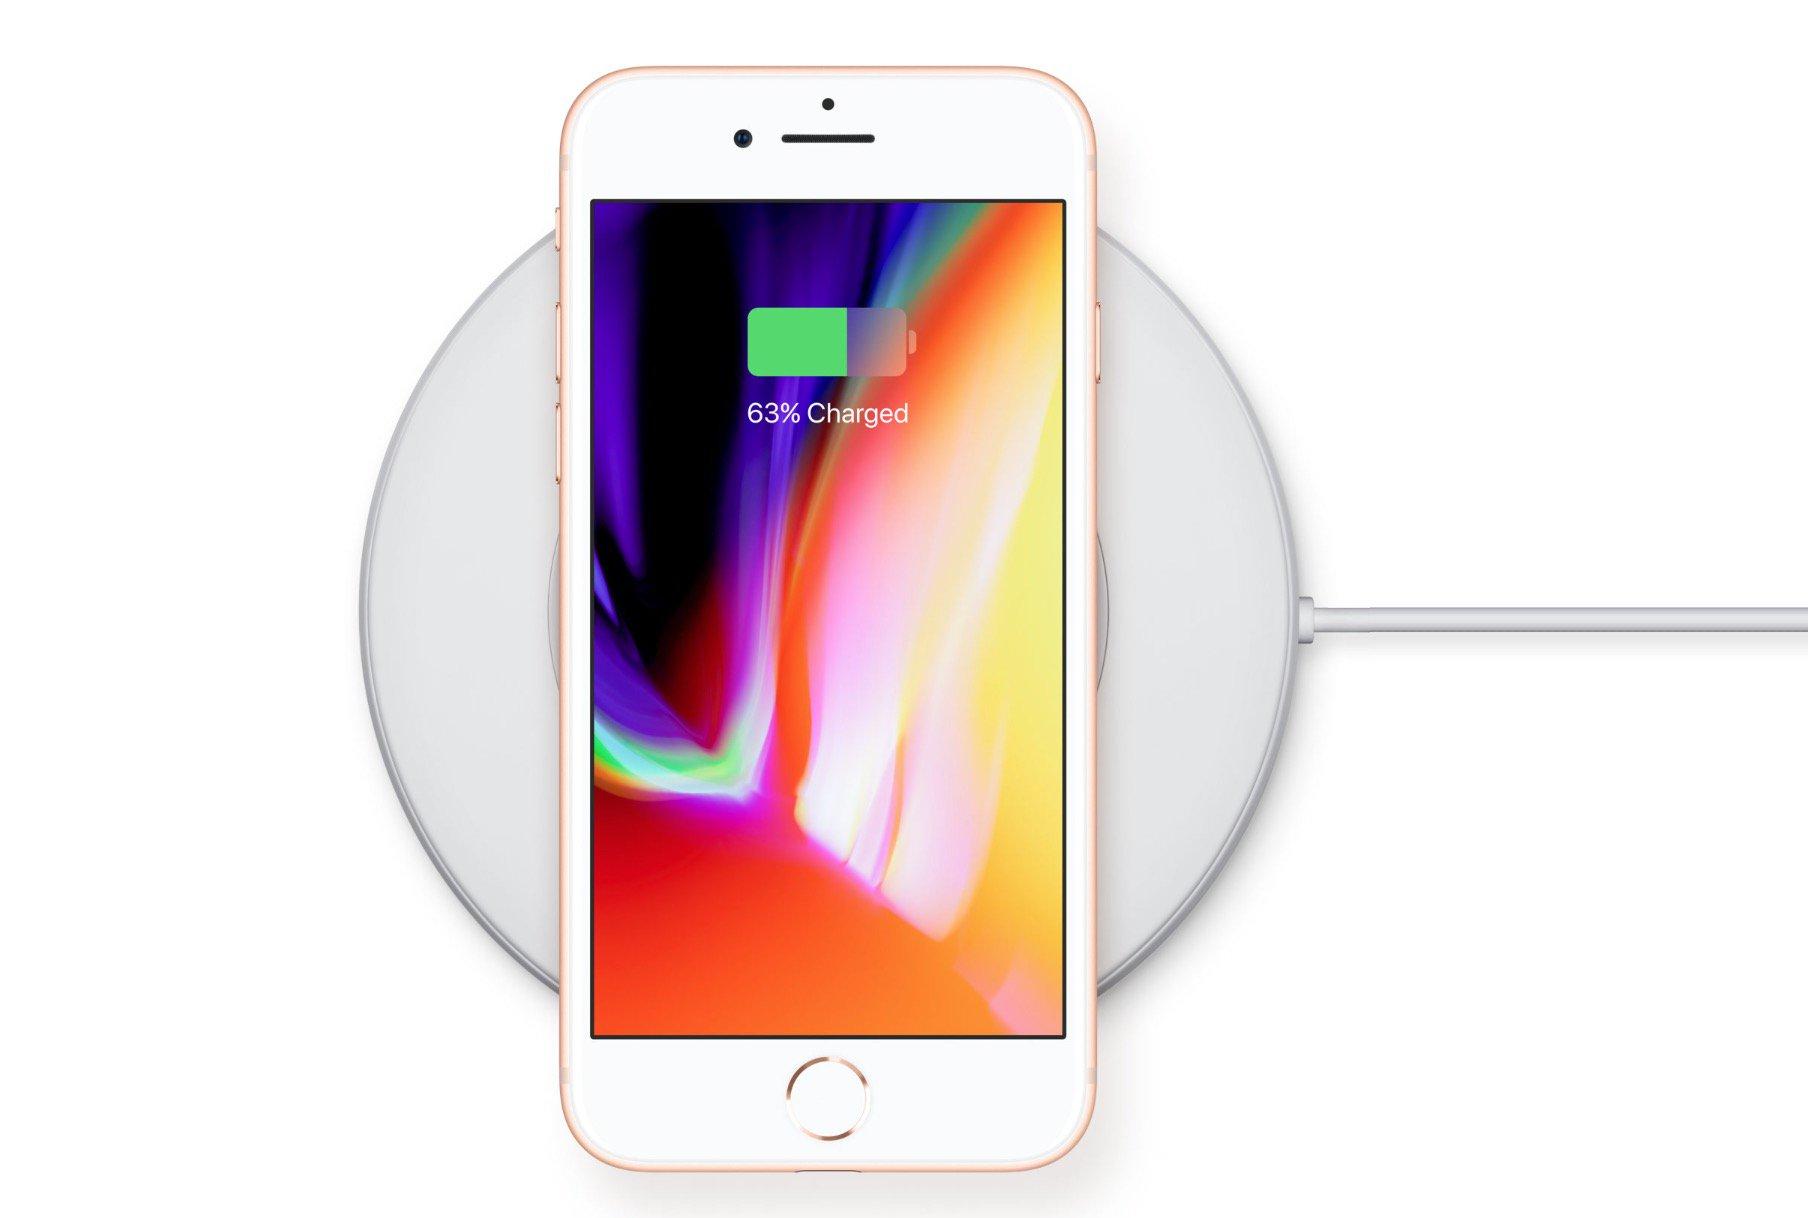 Sạc không dây QI - Apple iPhone 8 và iPhone 8 Plus tất cả những điều bạn muốn biết ở đây